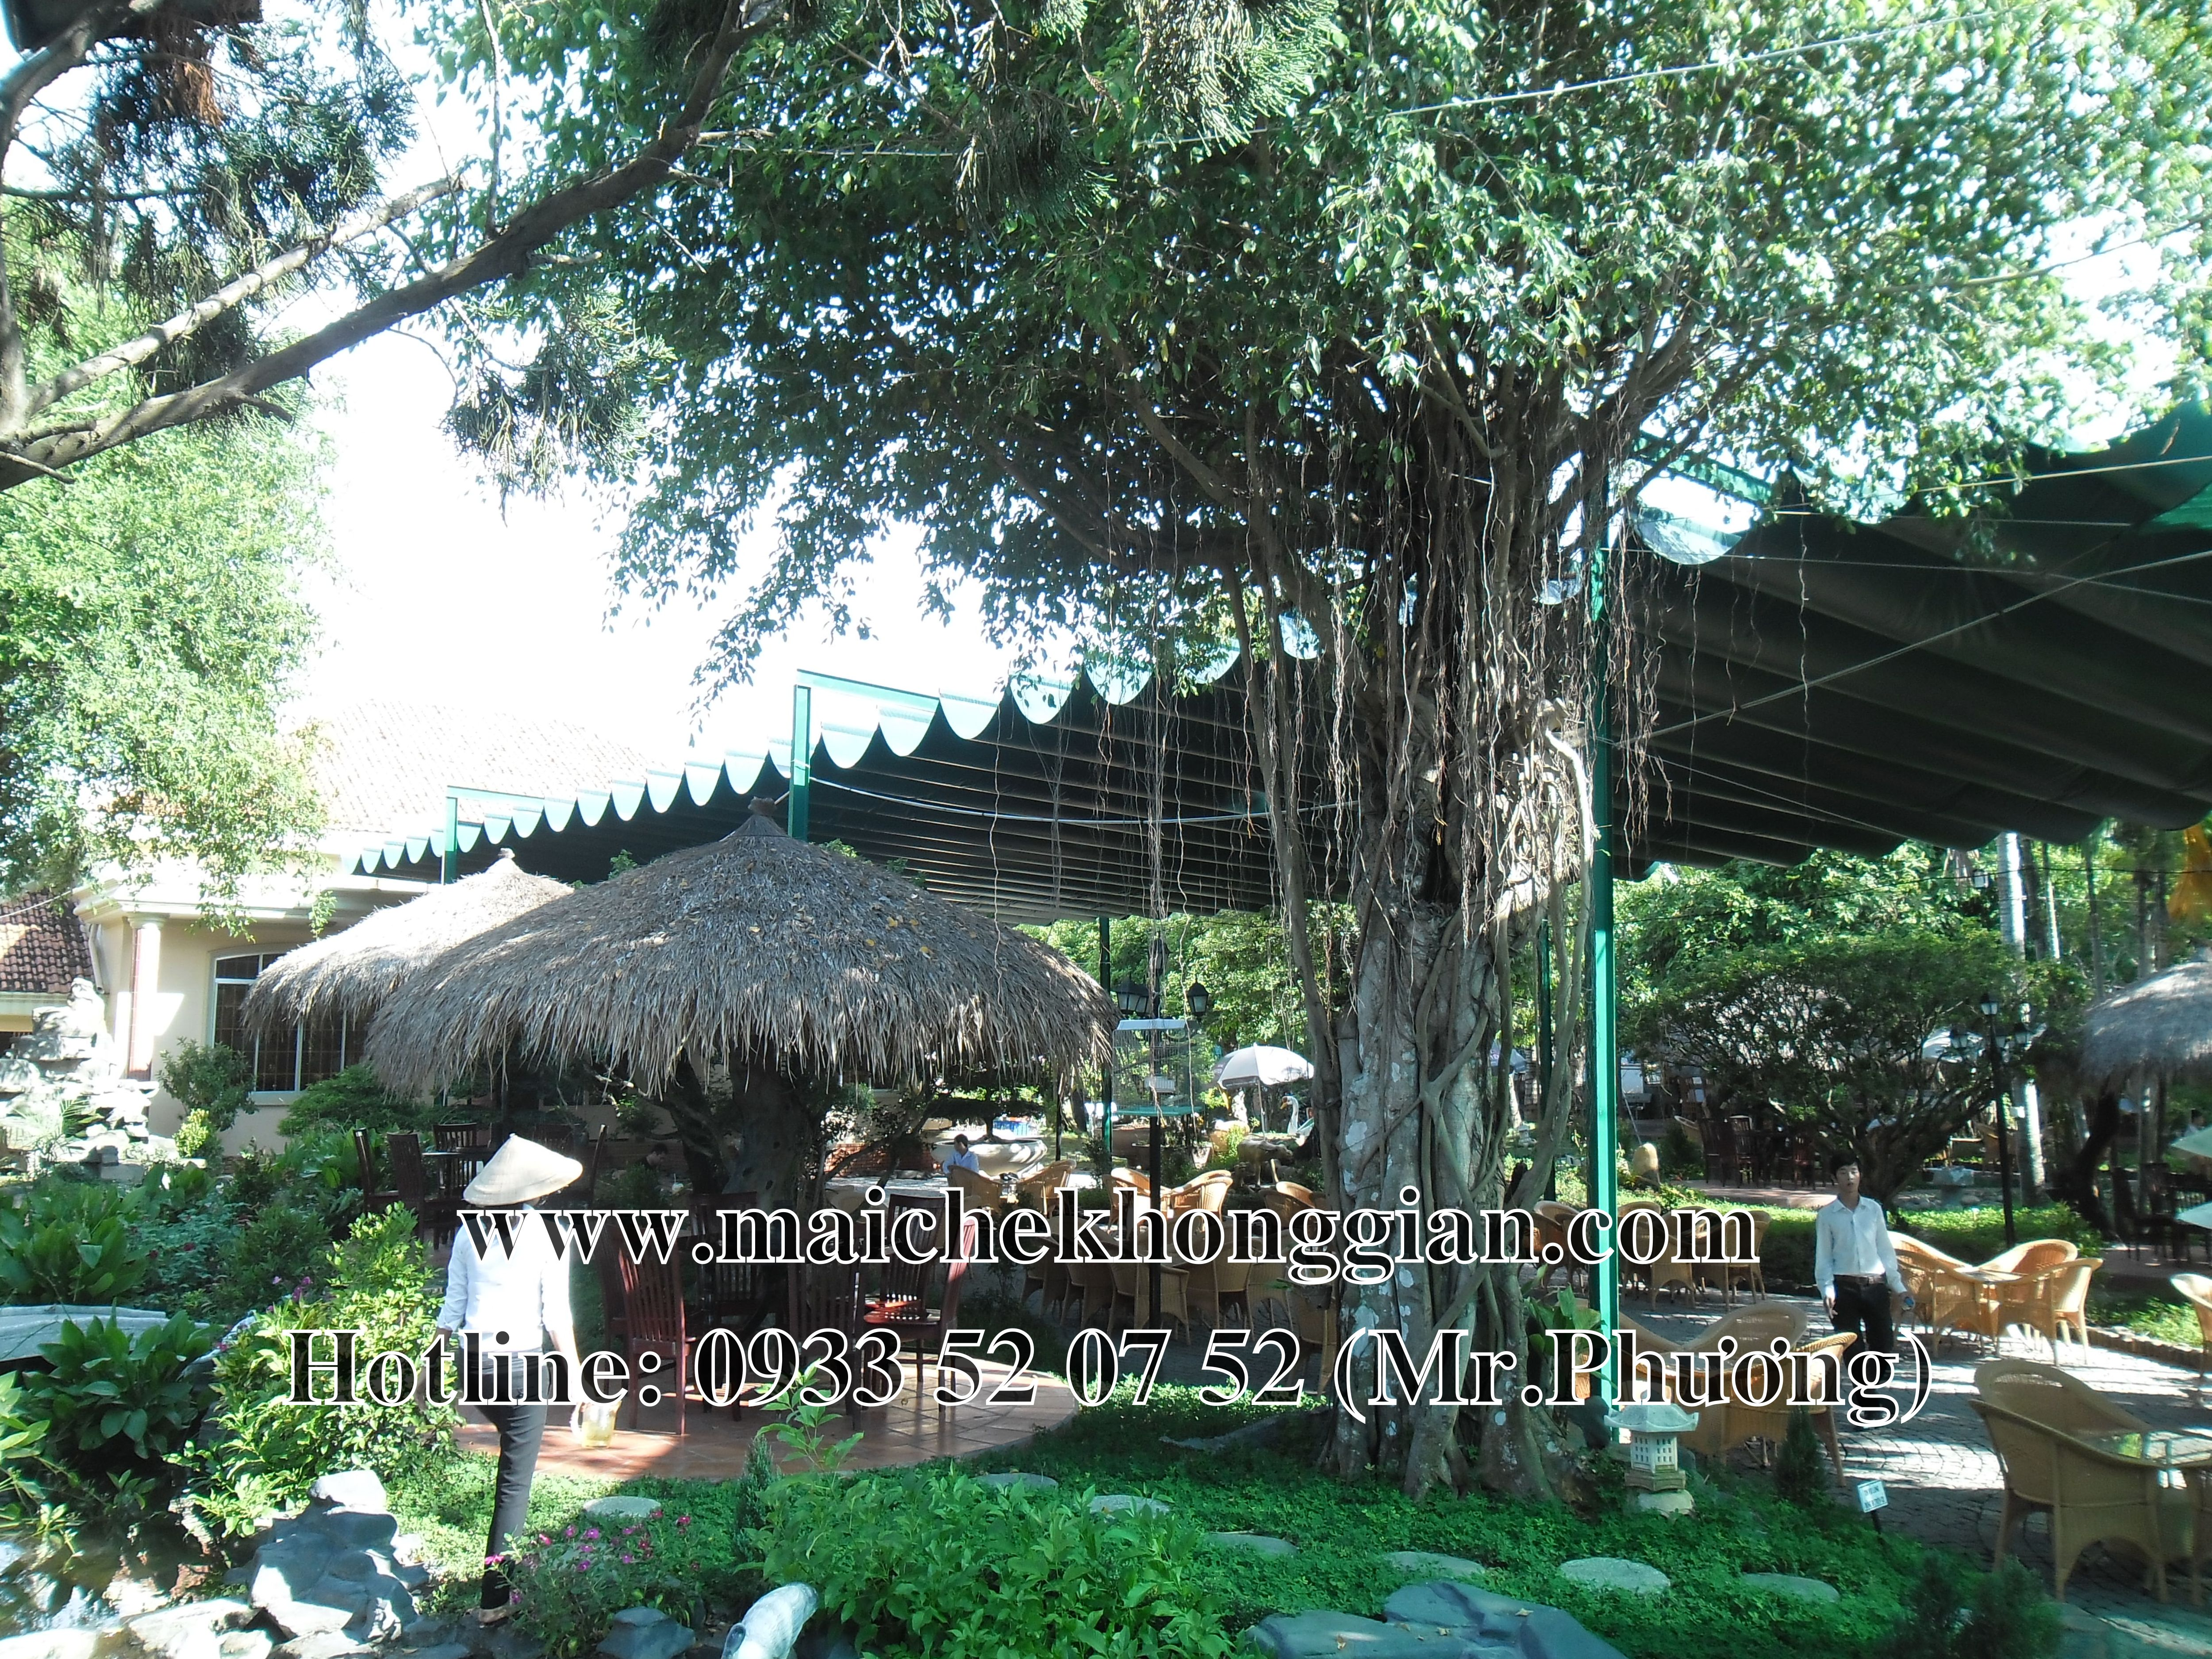 Mái bạt di động Tân Phước Tiền Giang